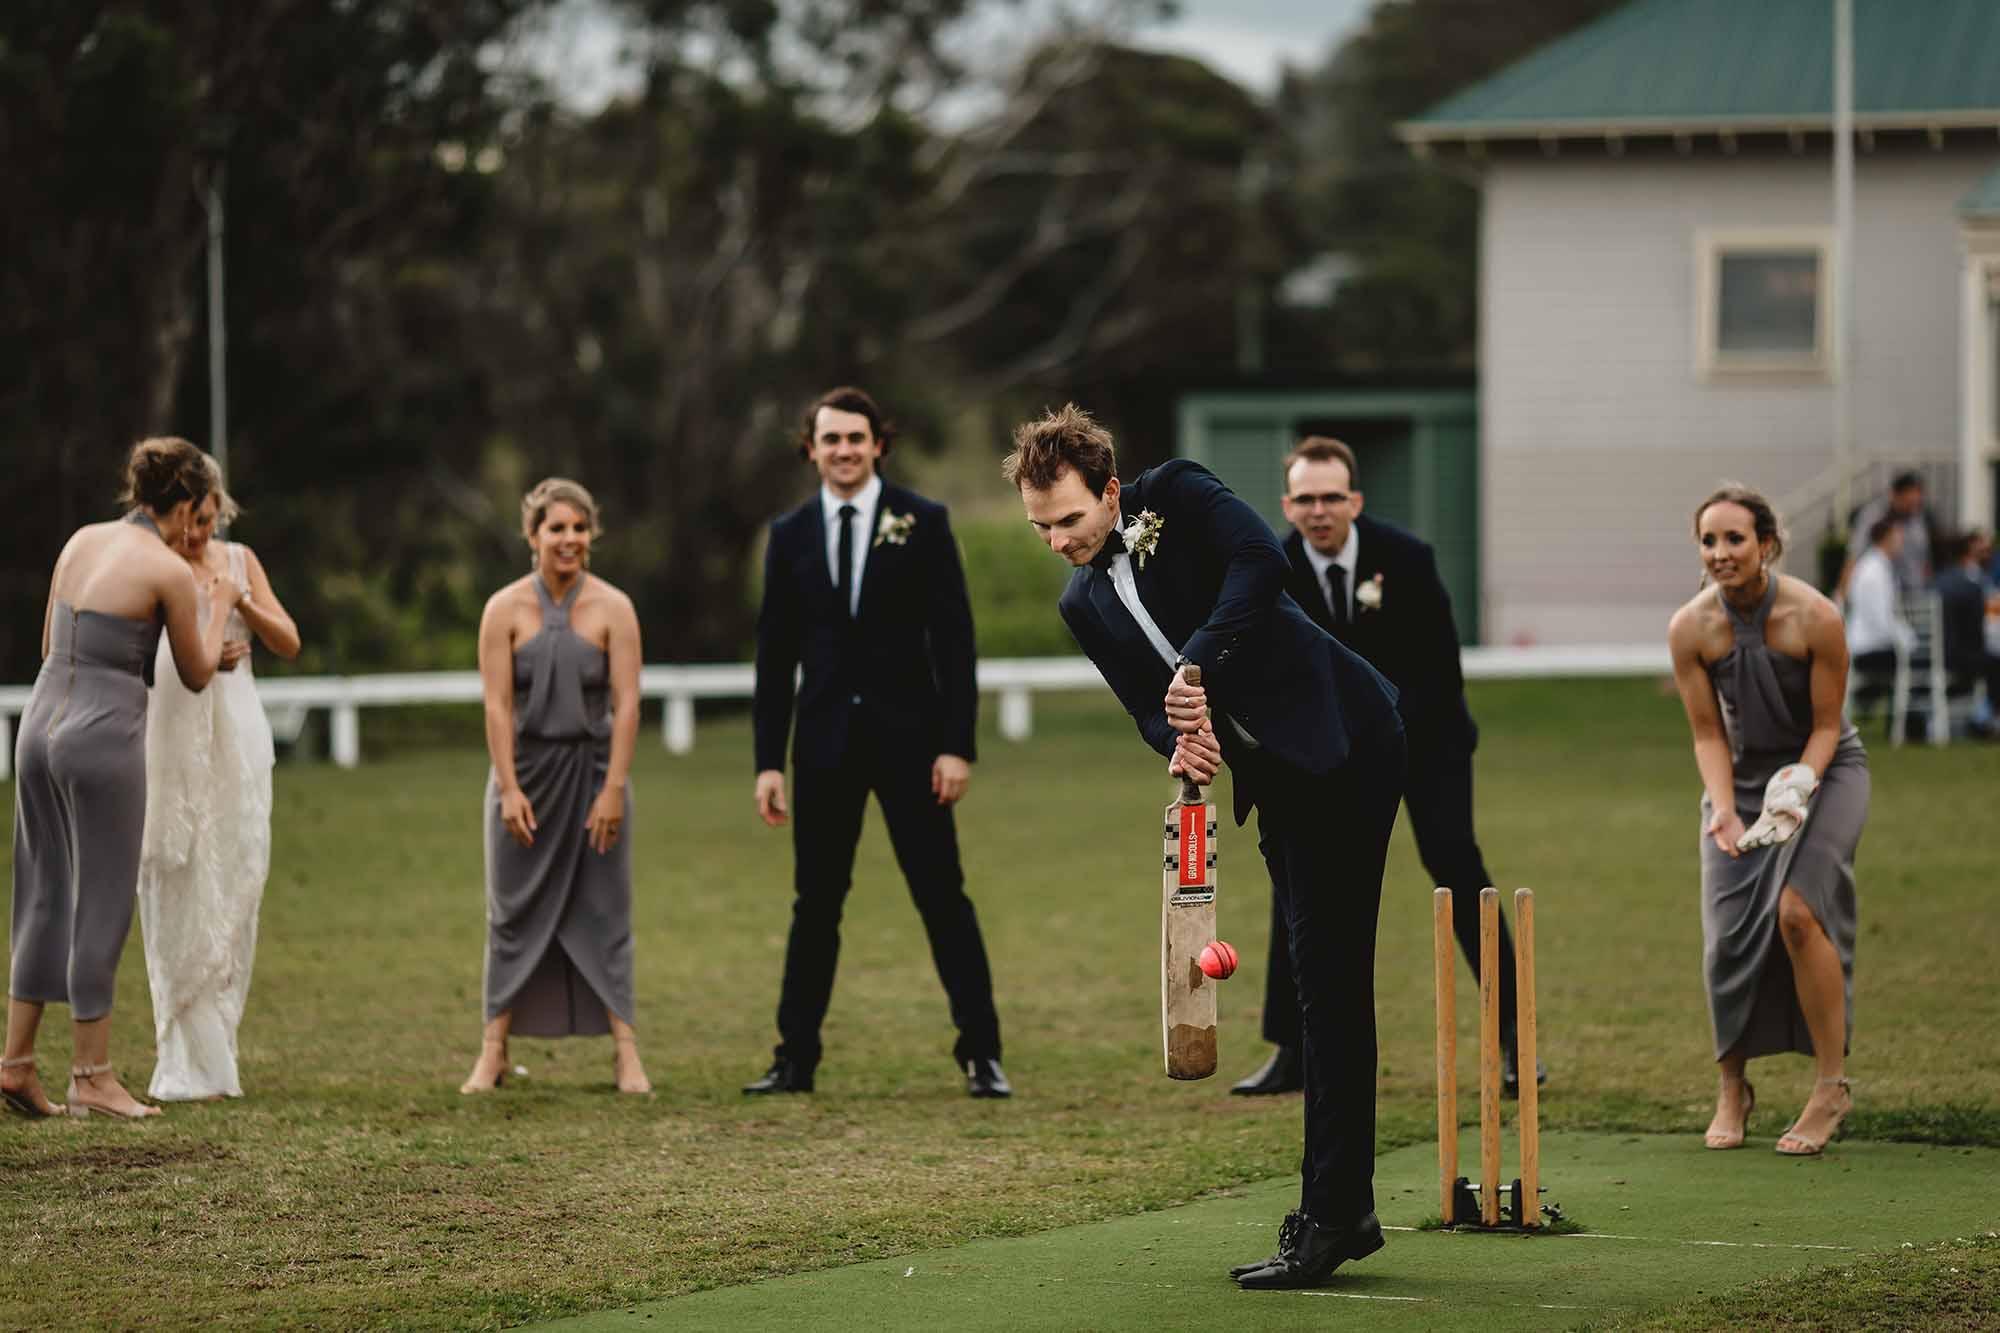 wandin wedding cricket match